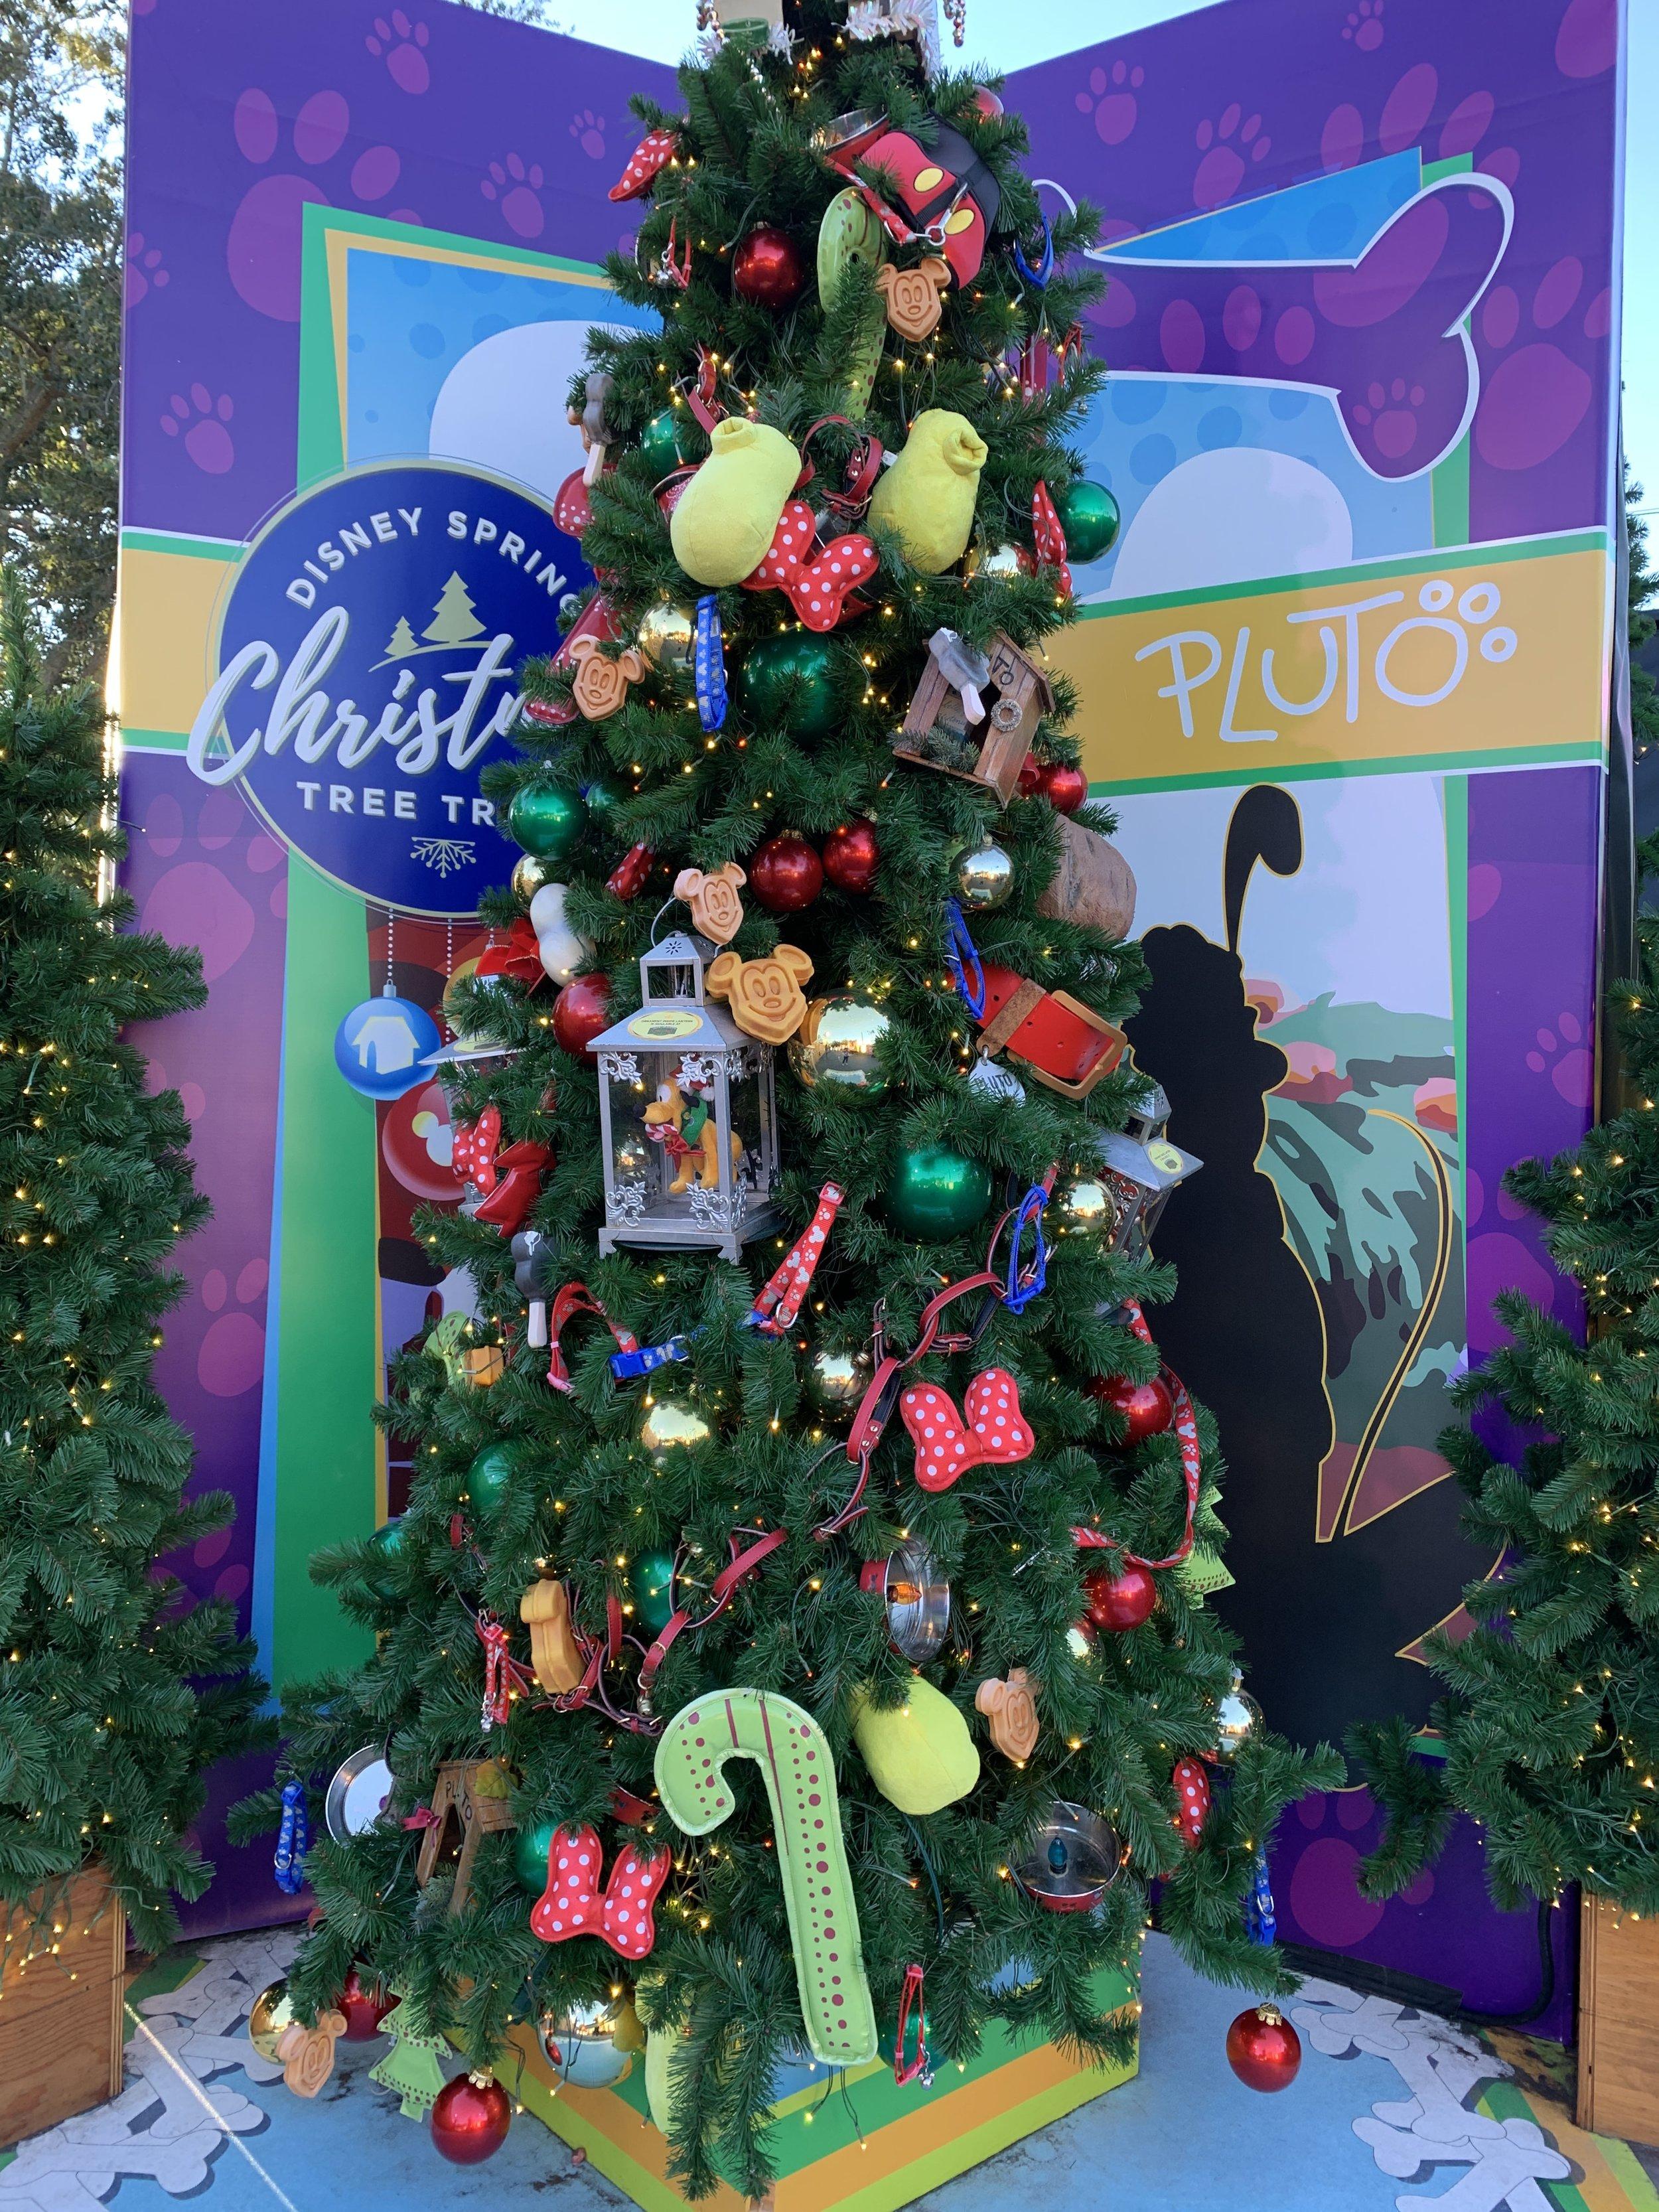 Pluto's Tree